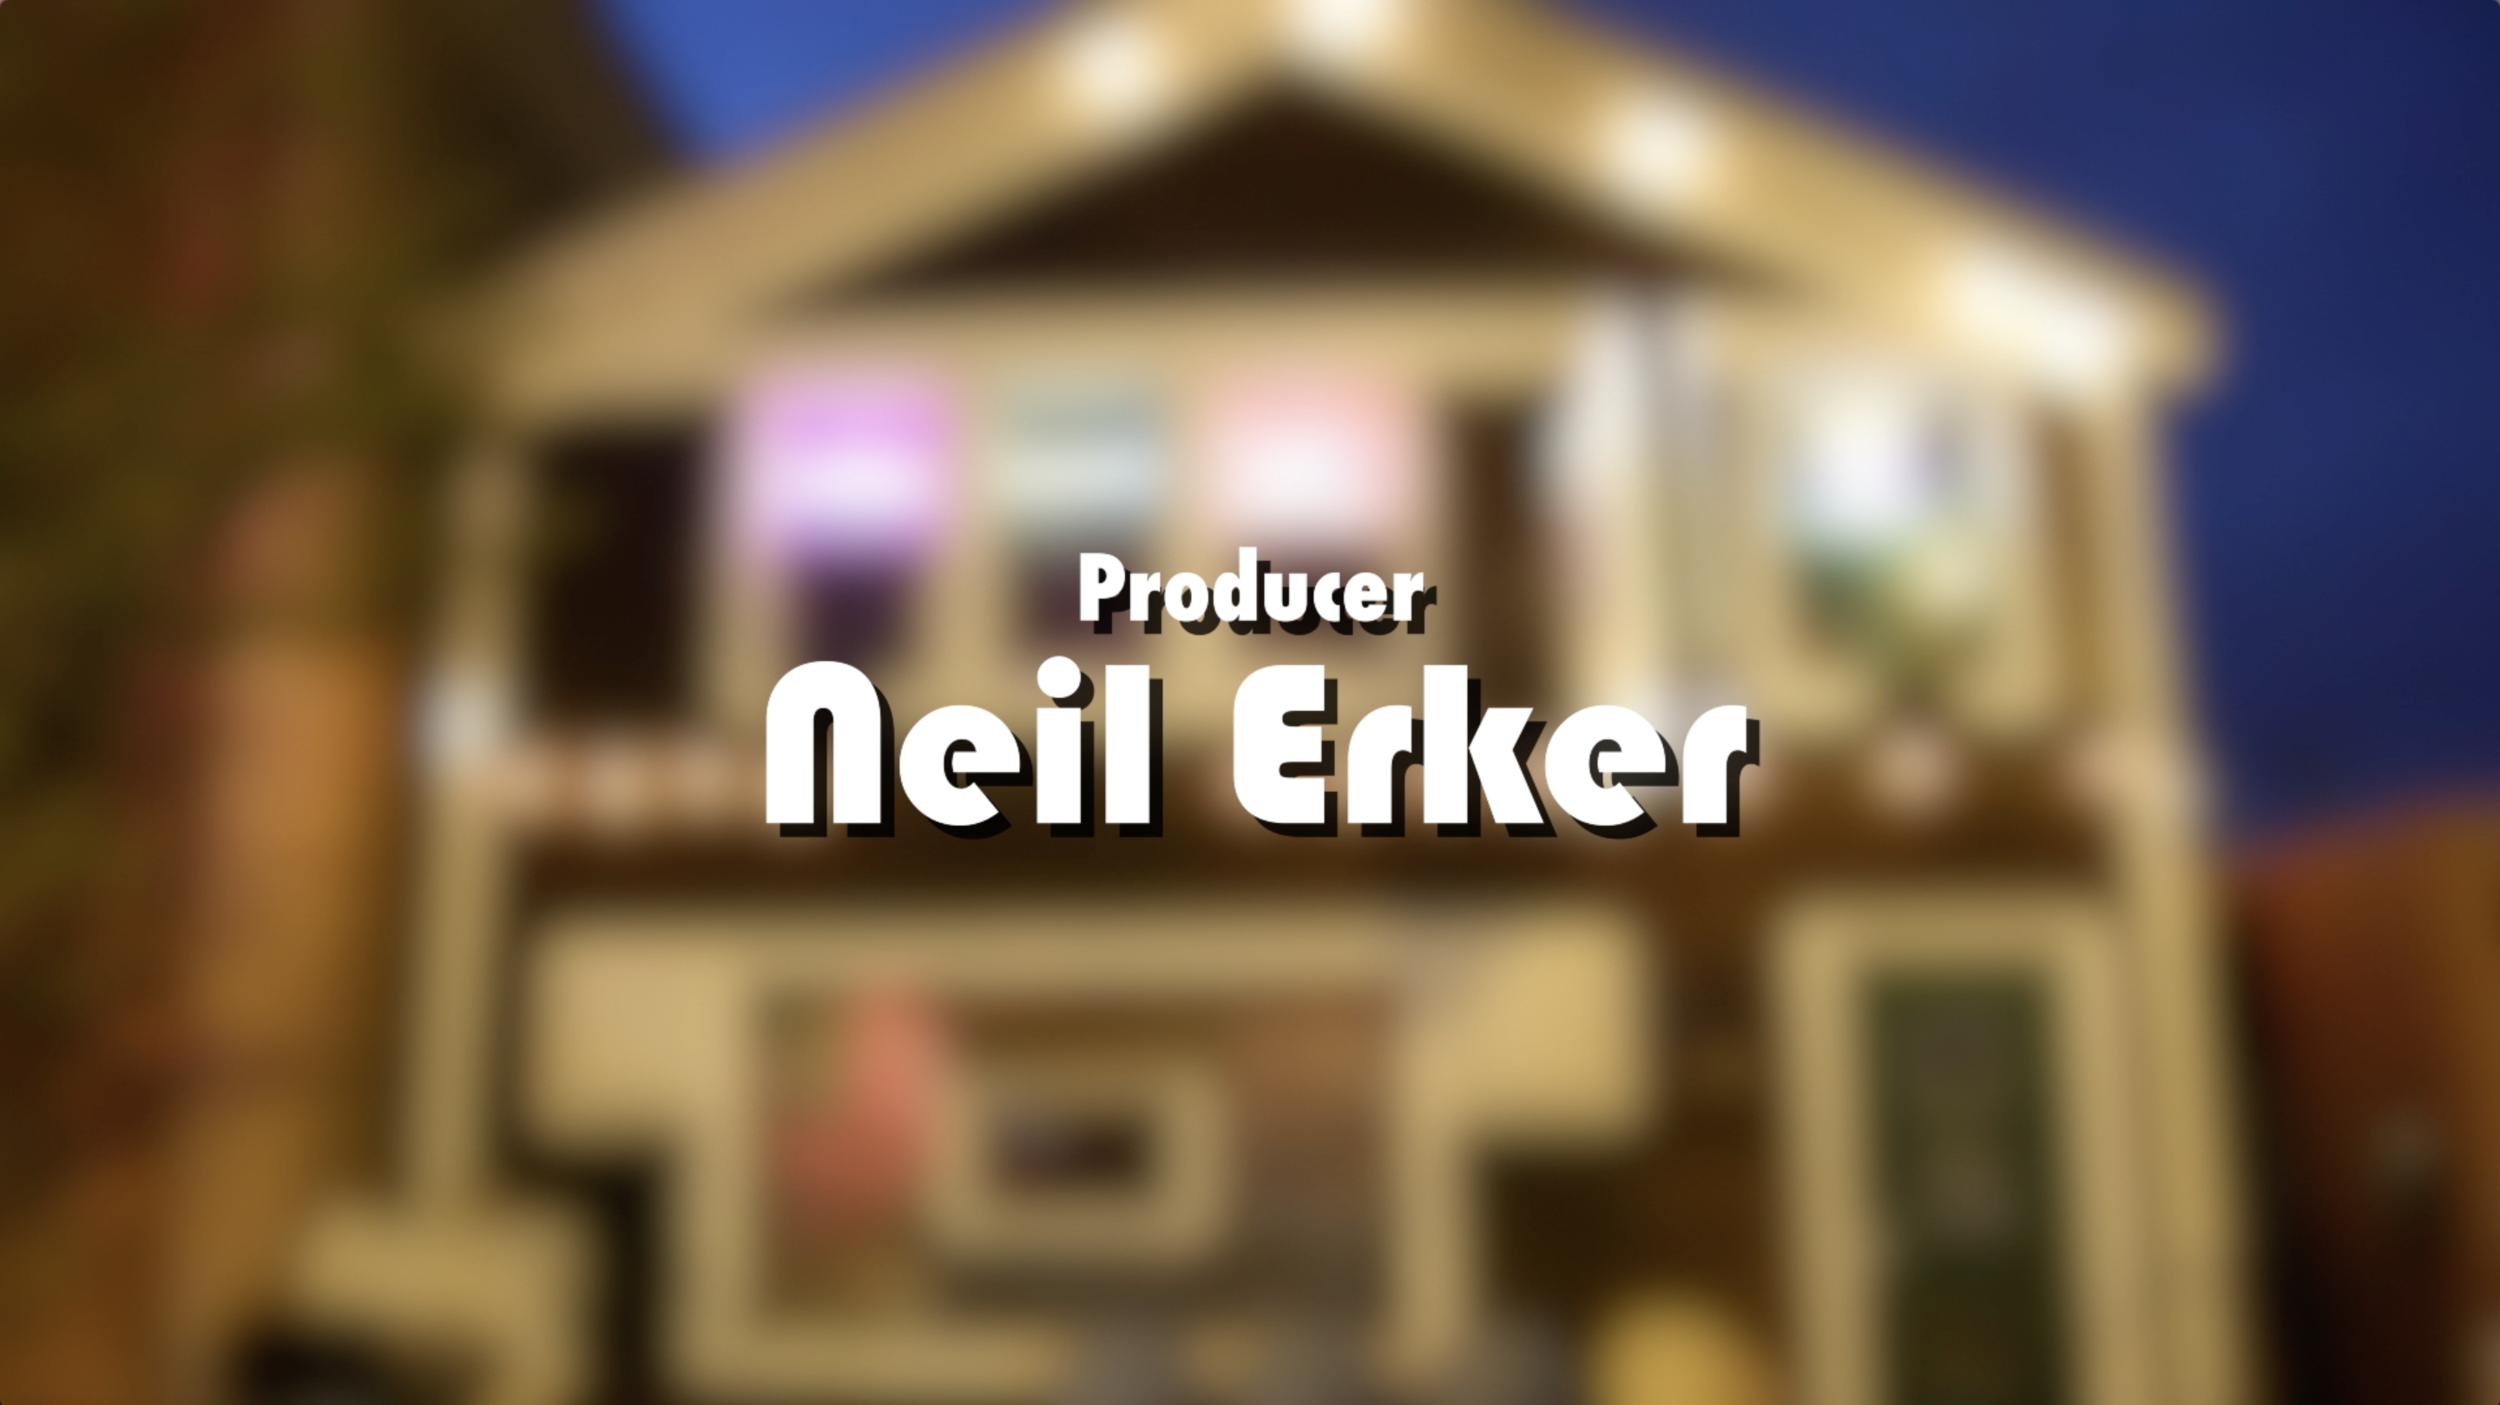 Neil Erker slide.png